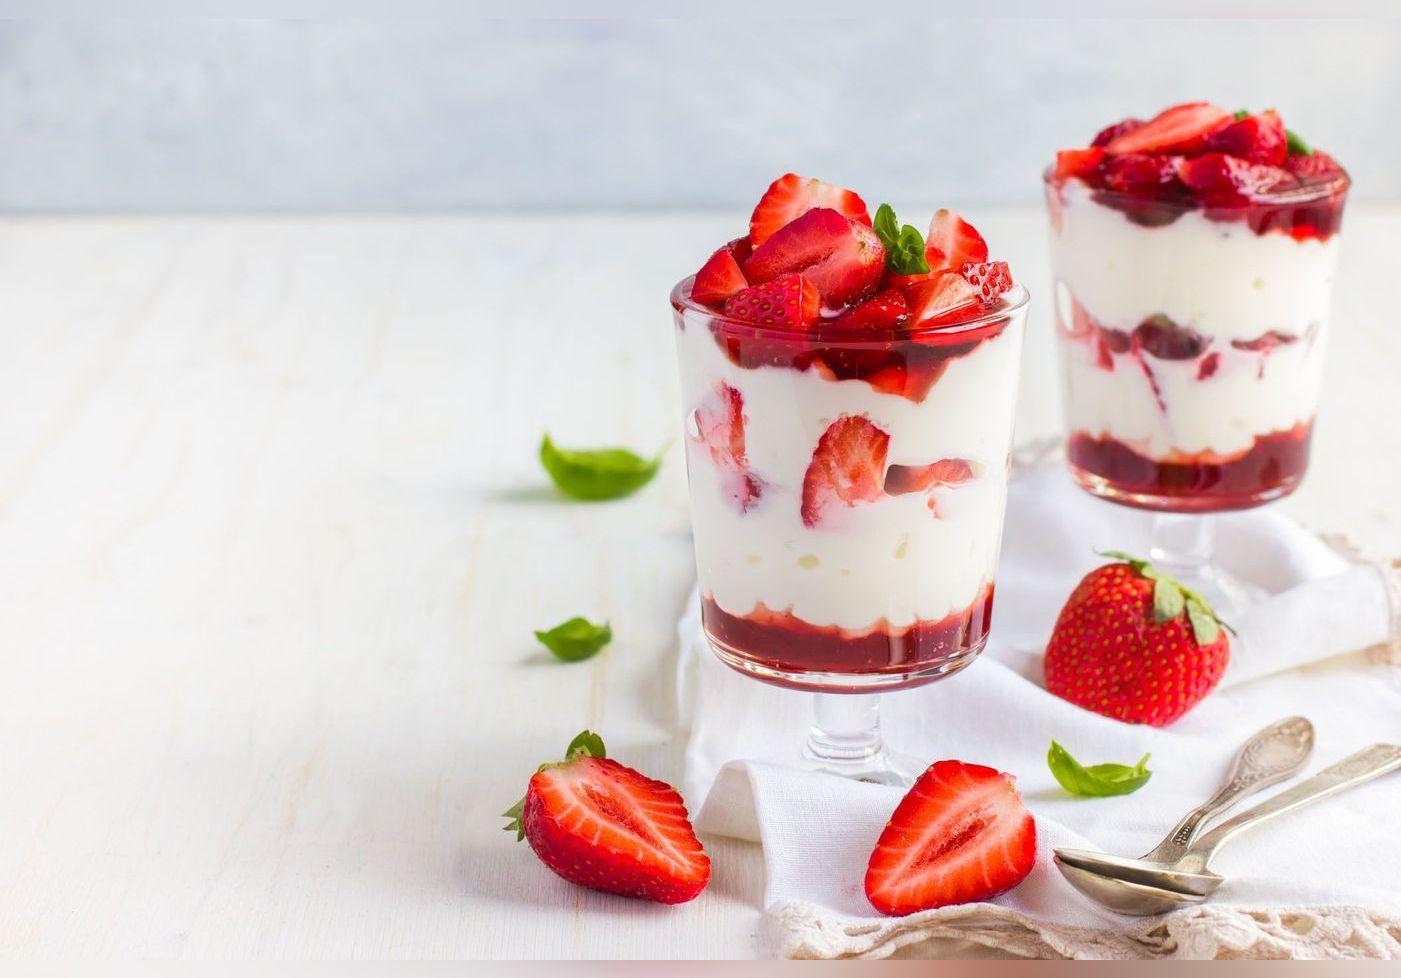 Laurent Mariotte dévoile sa recette ultra simple de fraises melba et elle est à tomber !